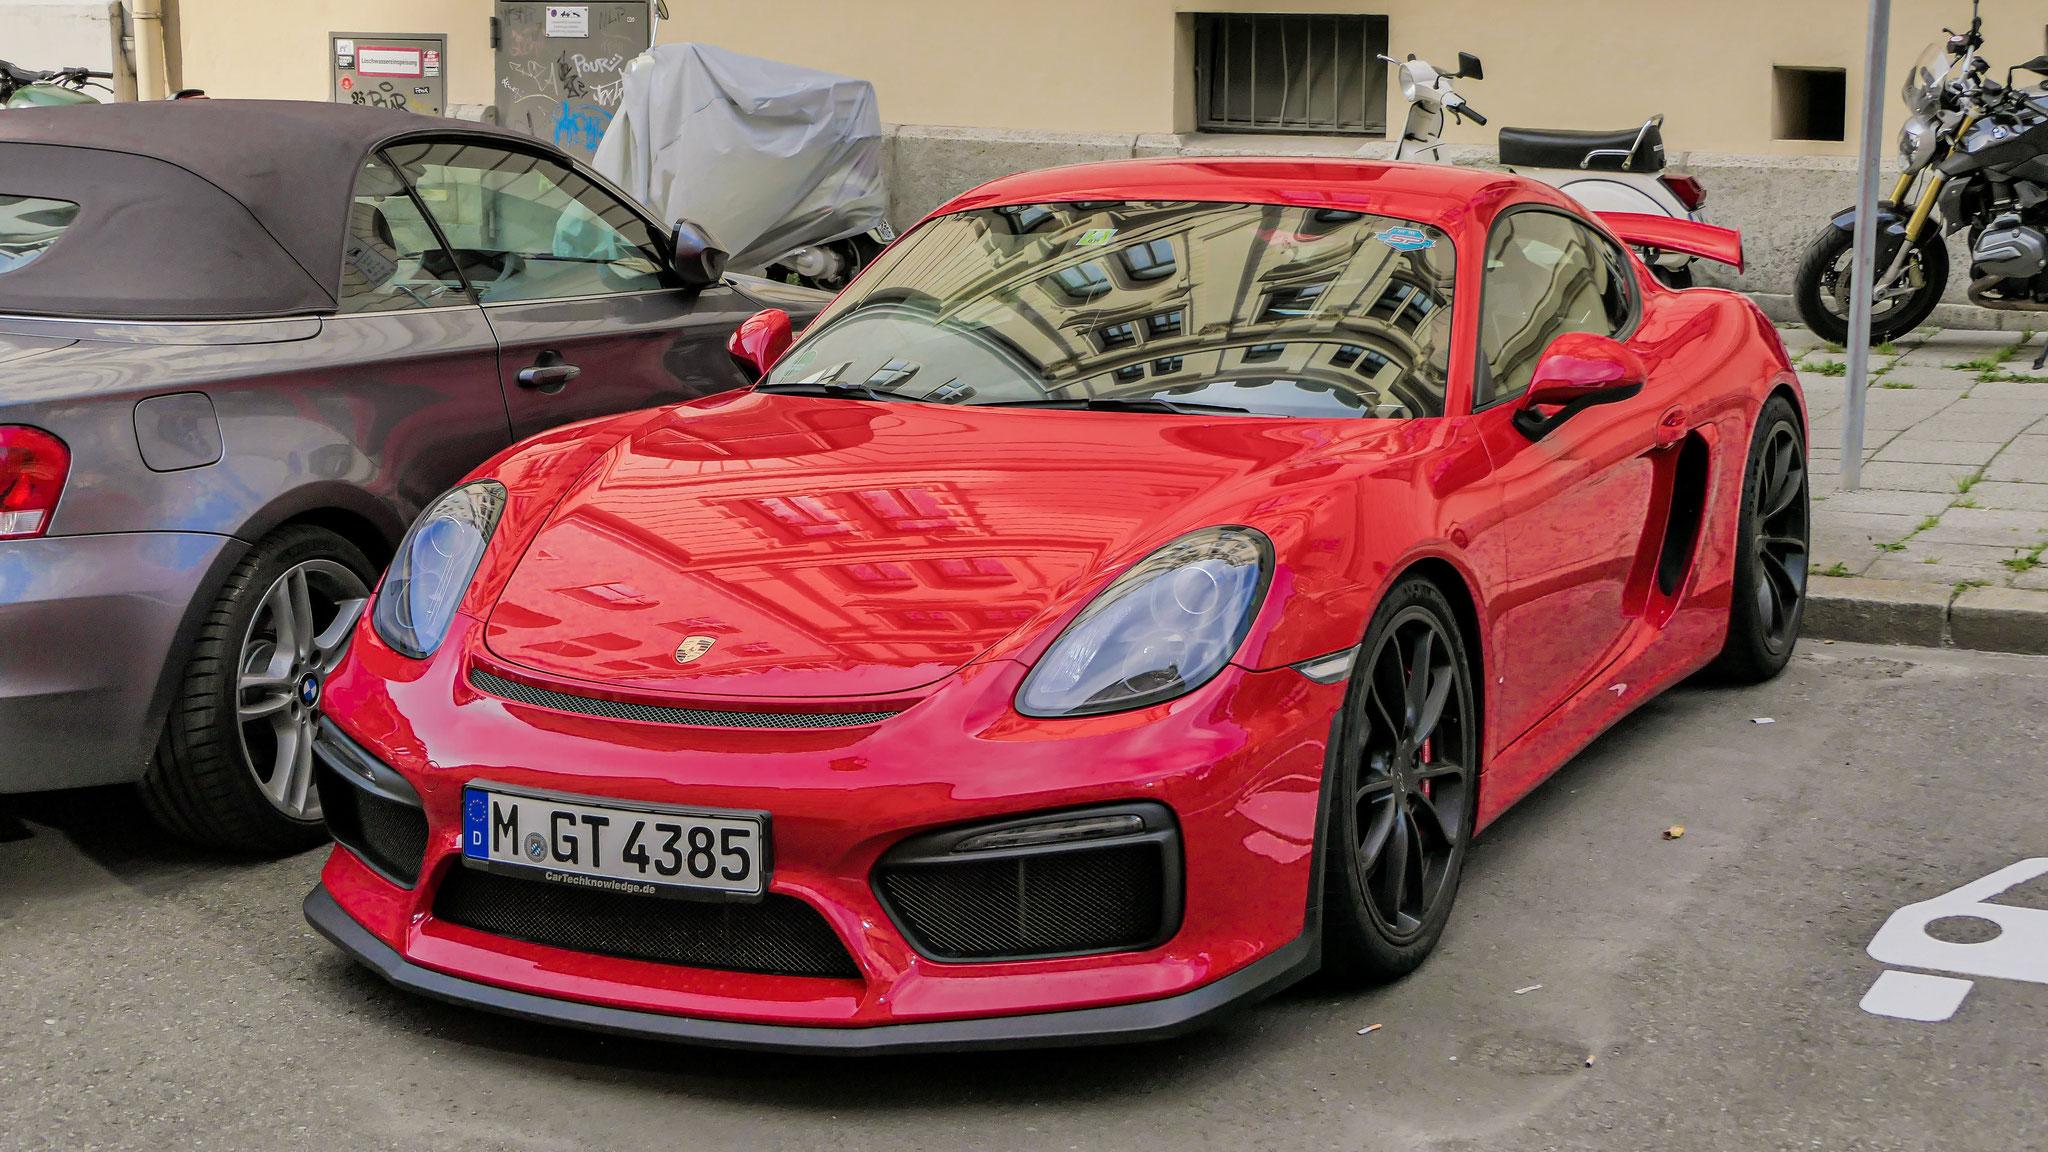 Porsche Cayman GT4 - M-GT-4385